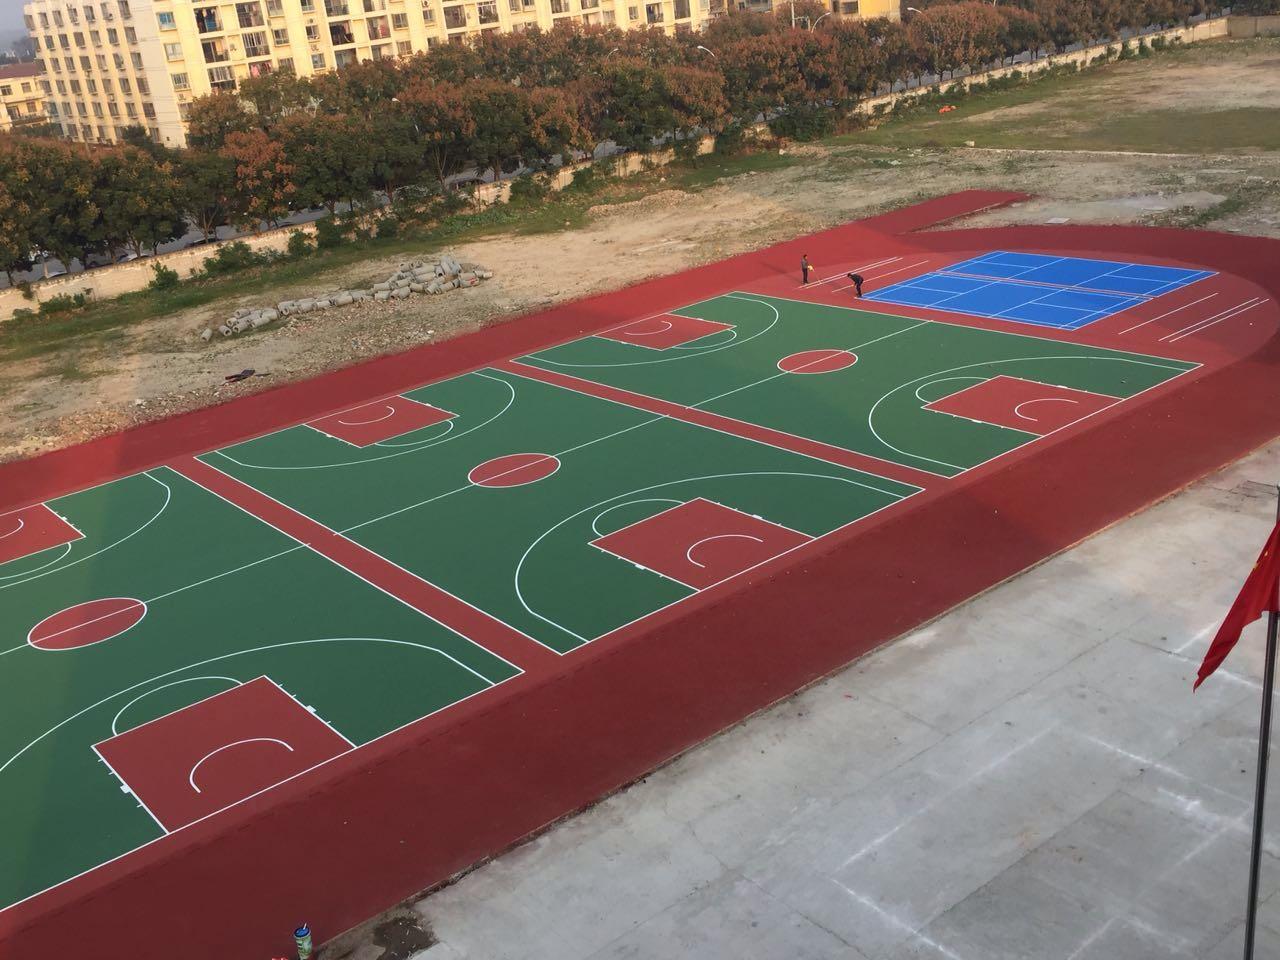 宜城市志达寄宿实验学校水性丙烯酸篮球场场地地面